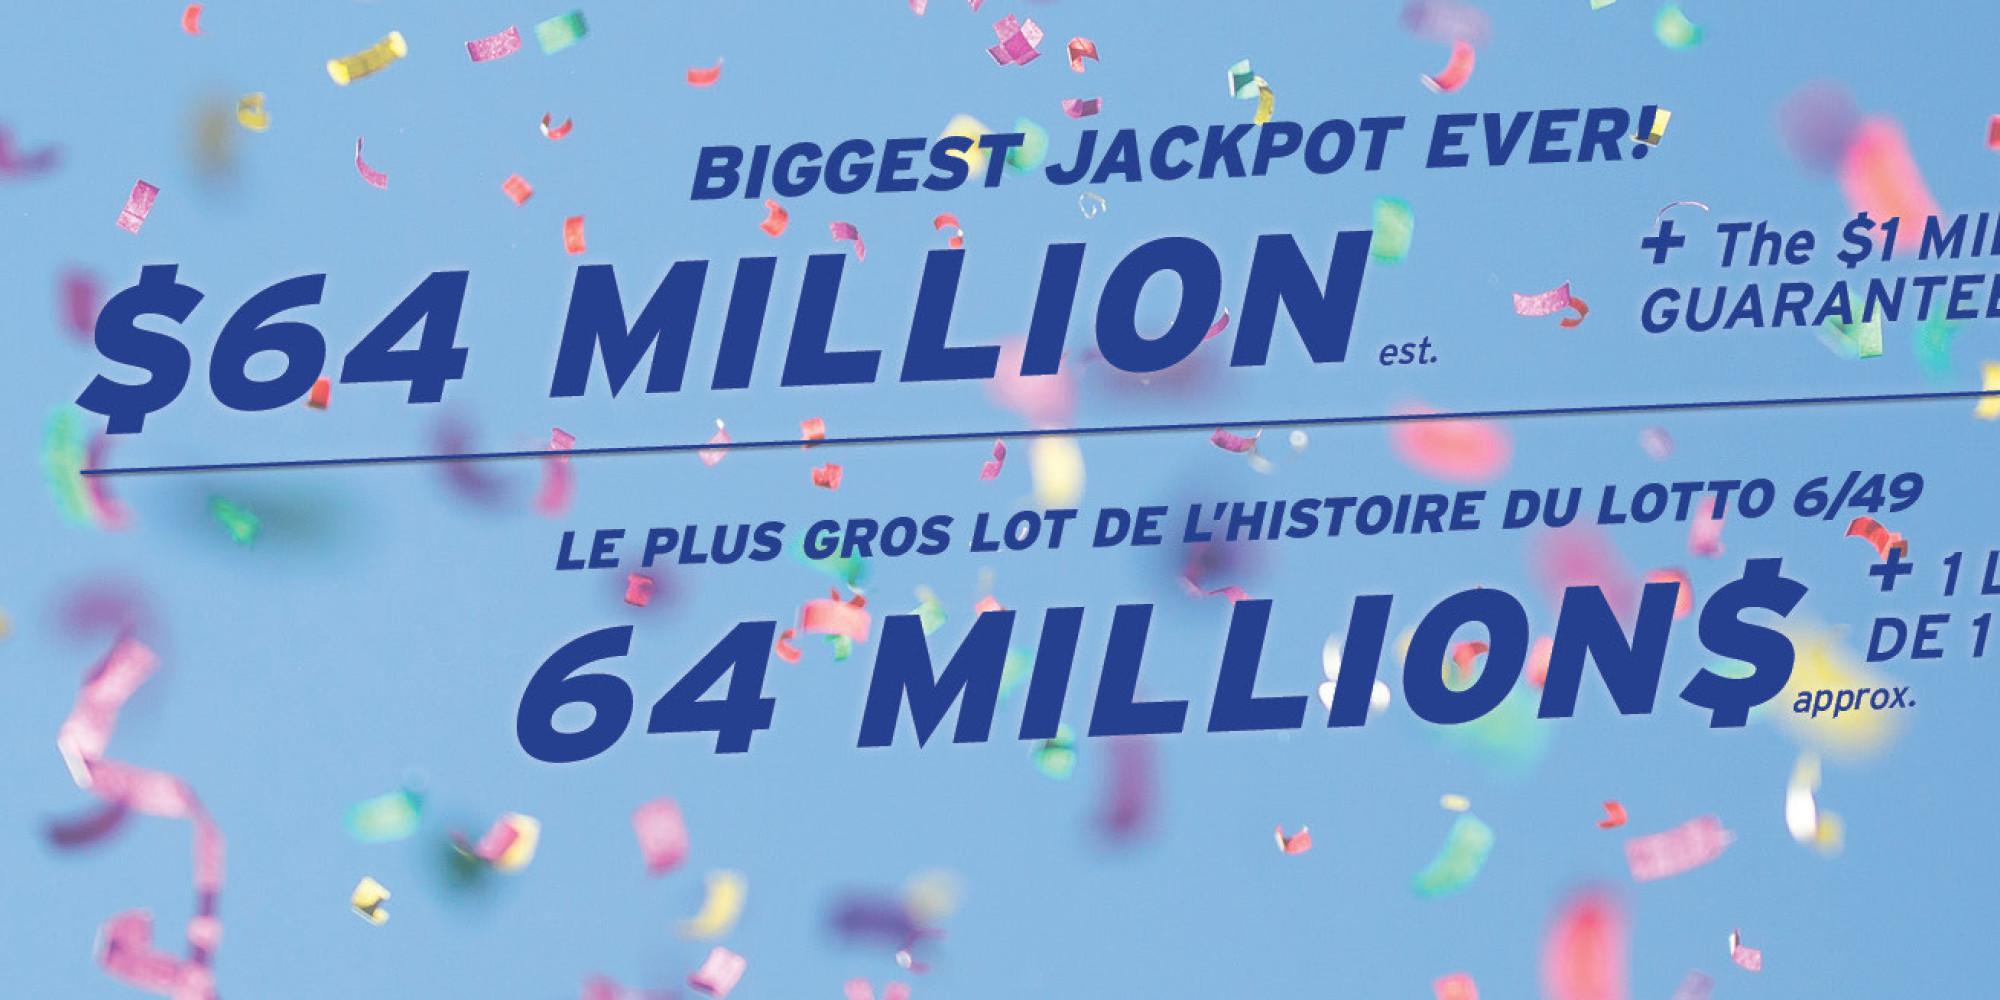 Lotto 6/49 De